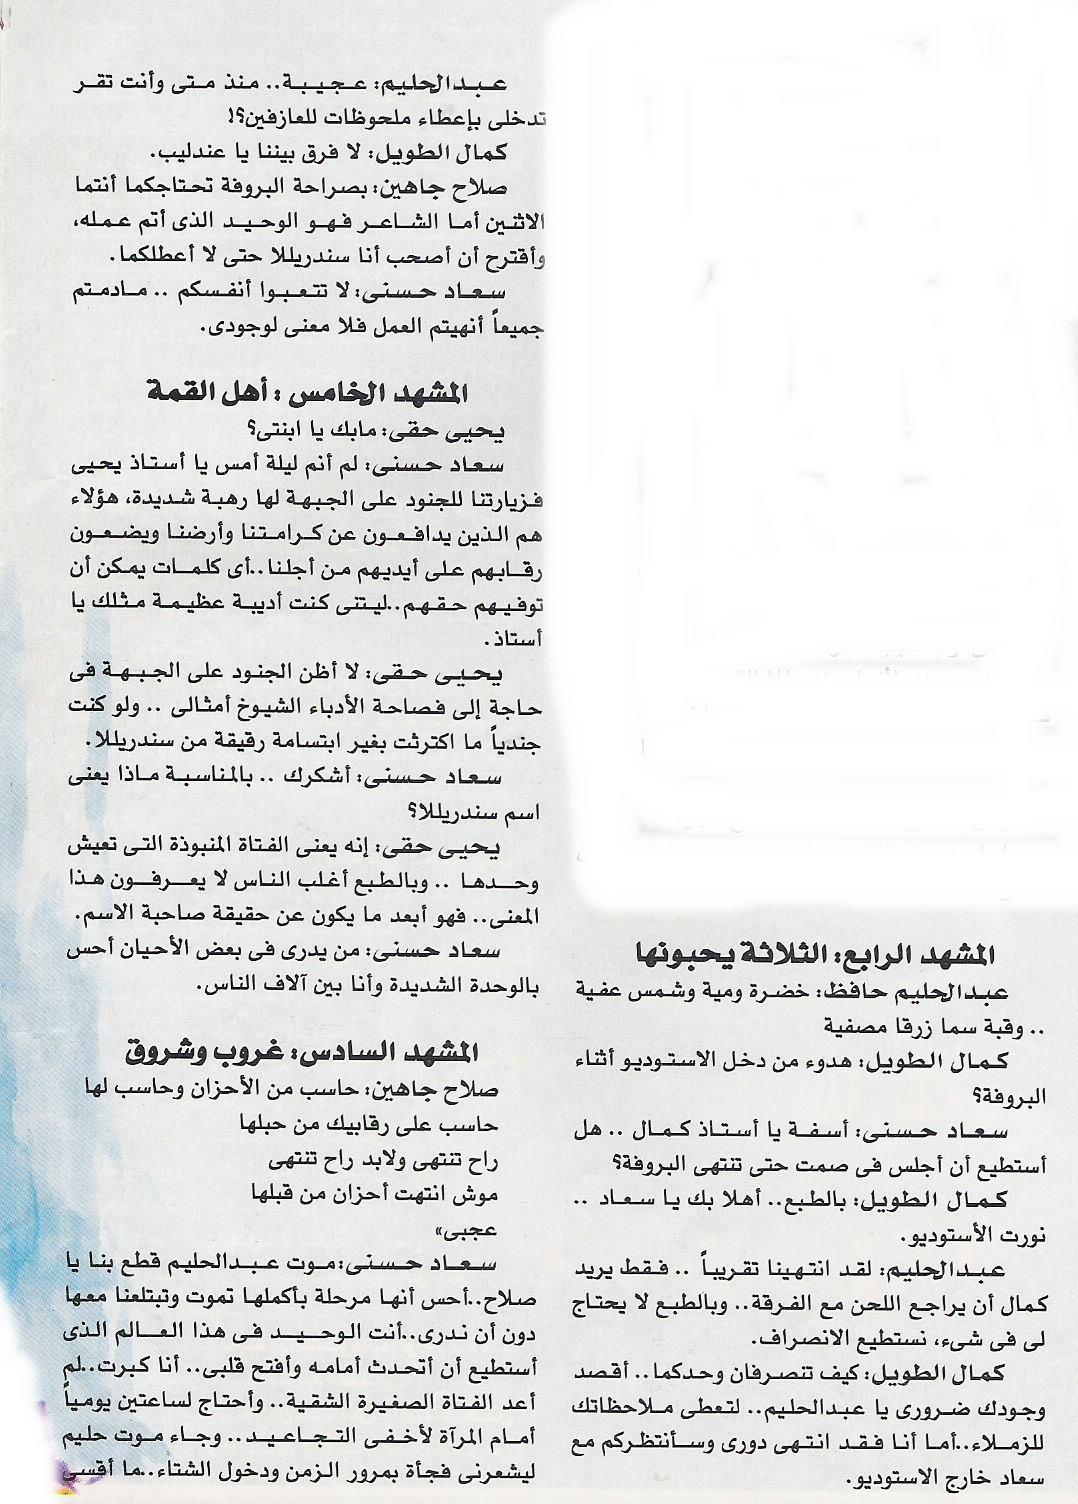 مقال - مقال صحفي : سعاد حسني في مشاهد .. قصة من تأليف محمد بهجت 2009 م (؟) م 30j204m